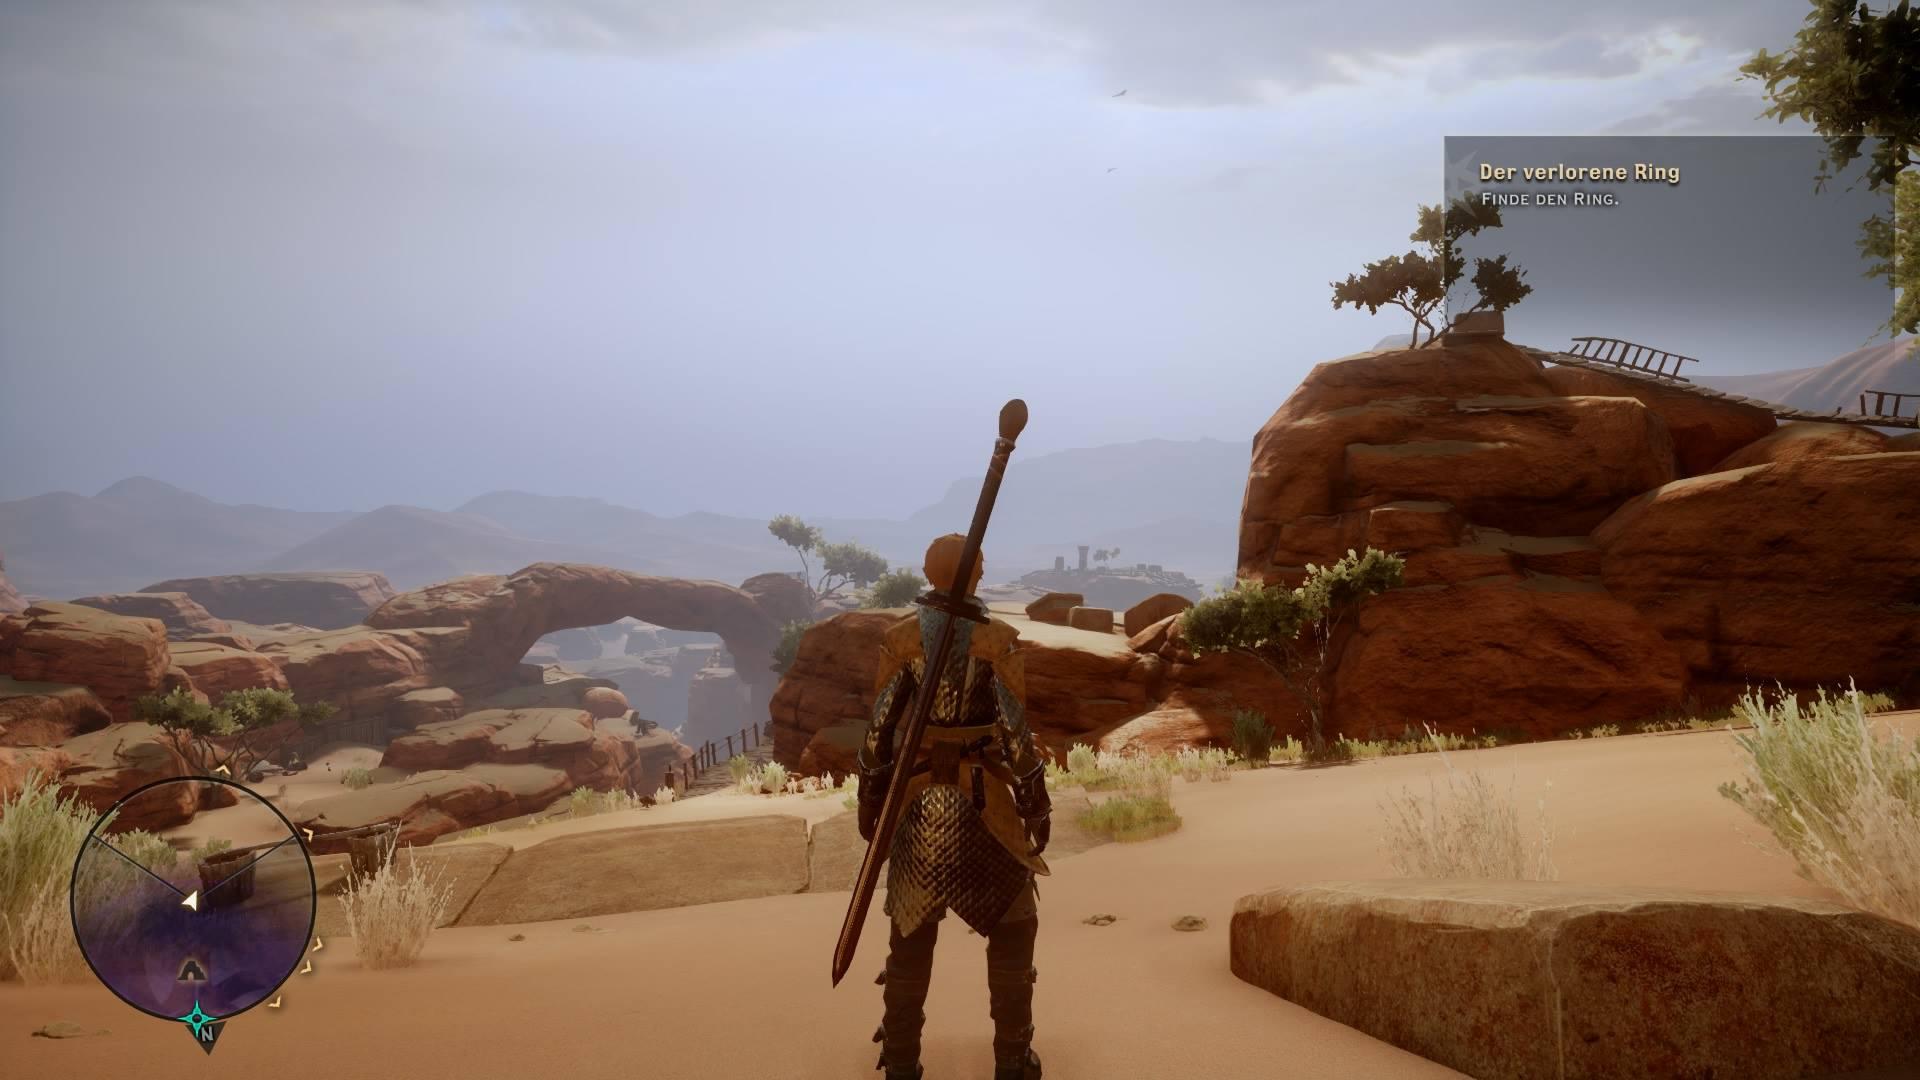 Hab gerade 15 Scherben in der Wüste gesucht. Wieder ne Stunde weg.